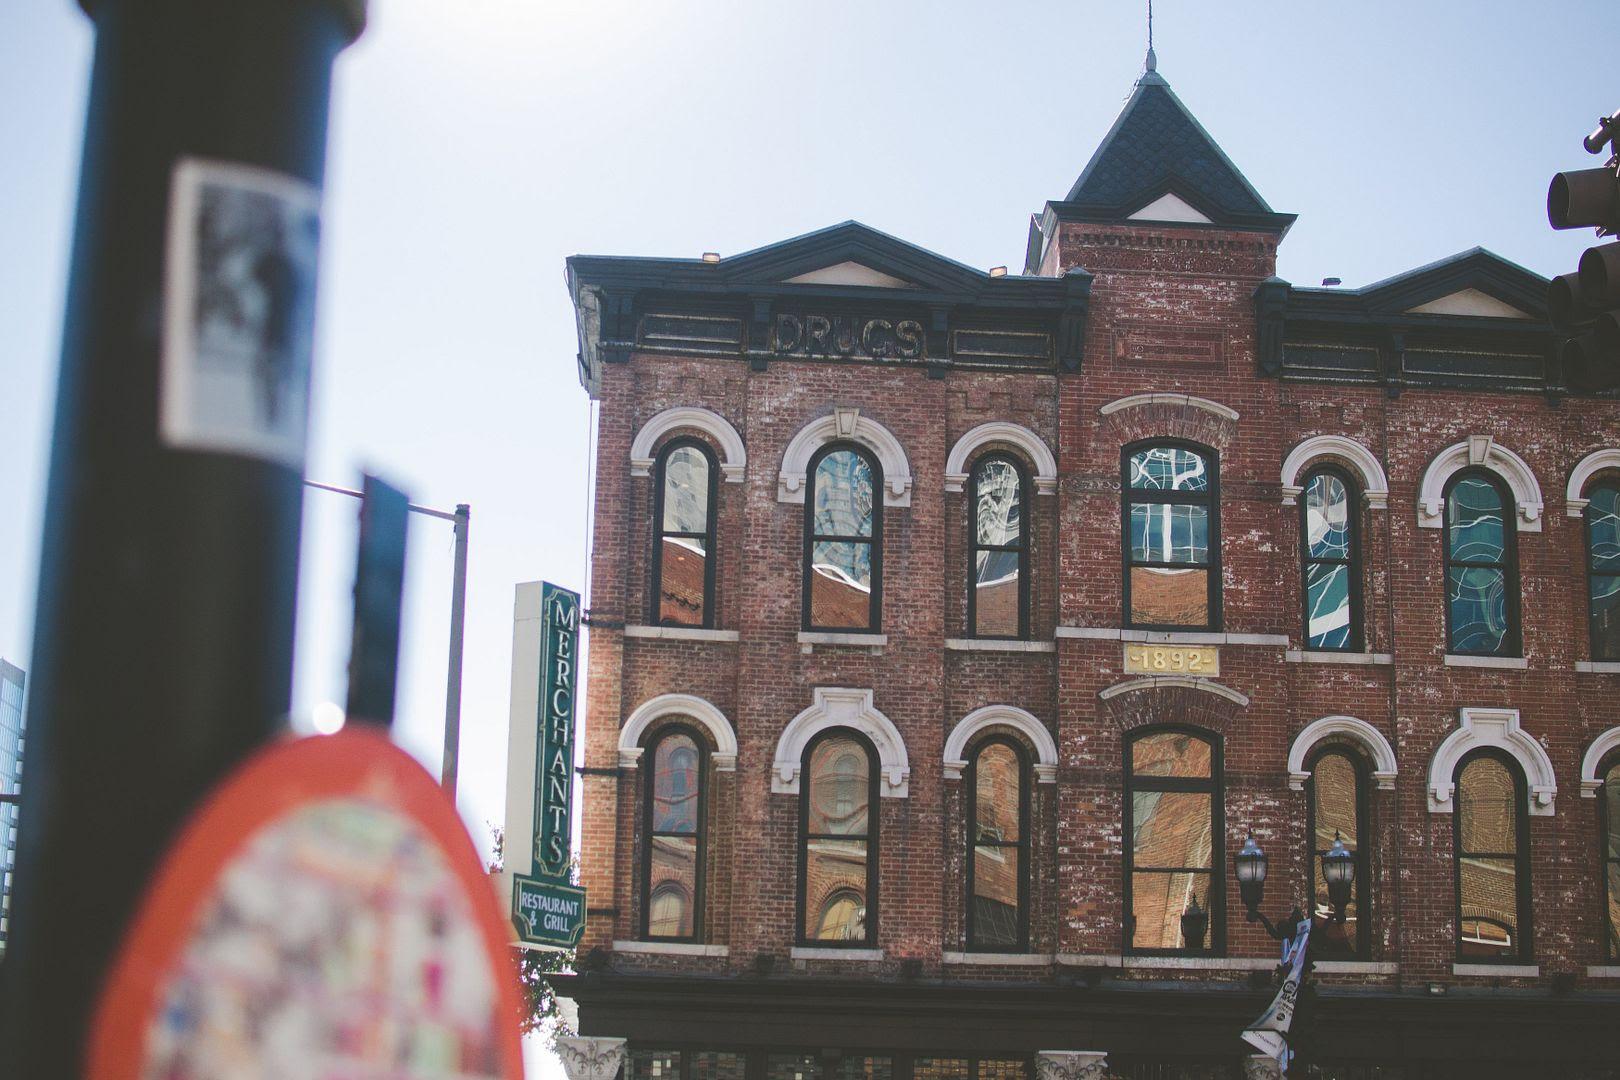 photo NashvilleBLoggers-FinalImages-0006_zps4d78e525.jpg